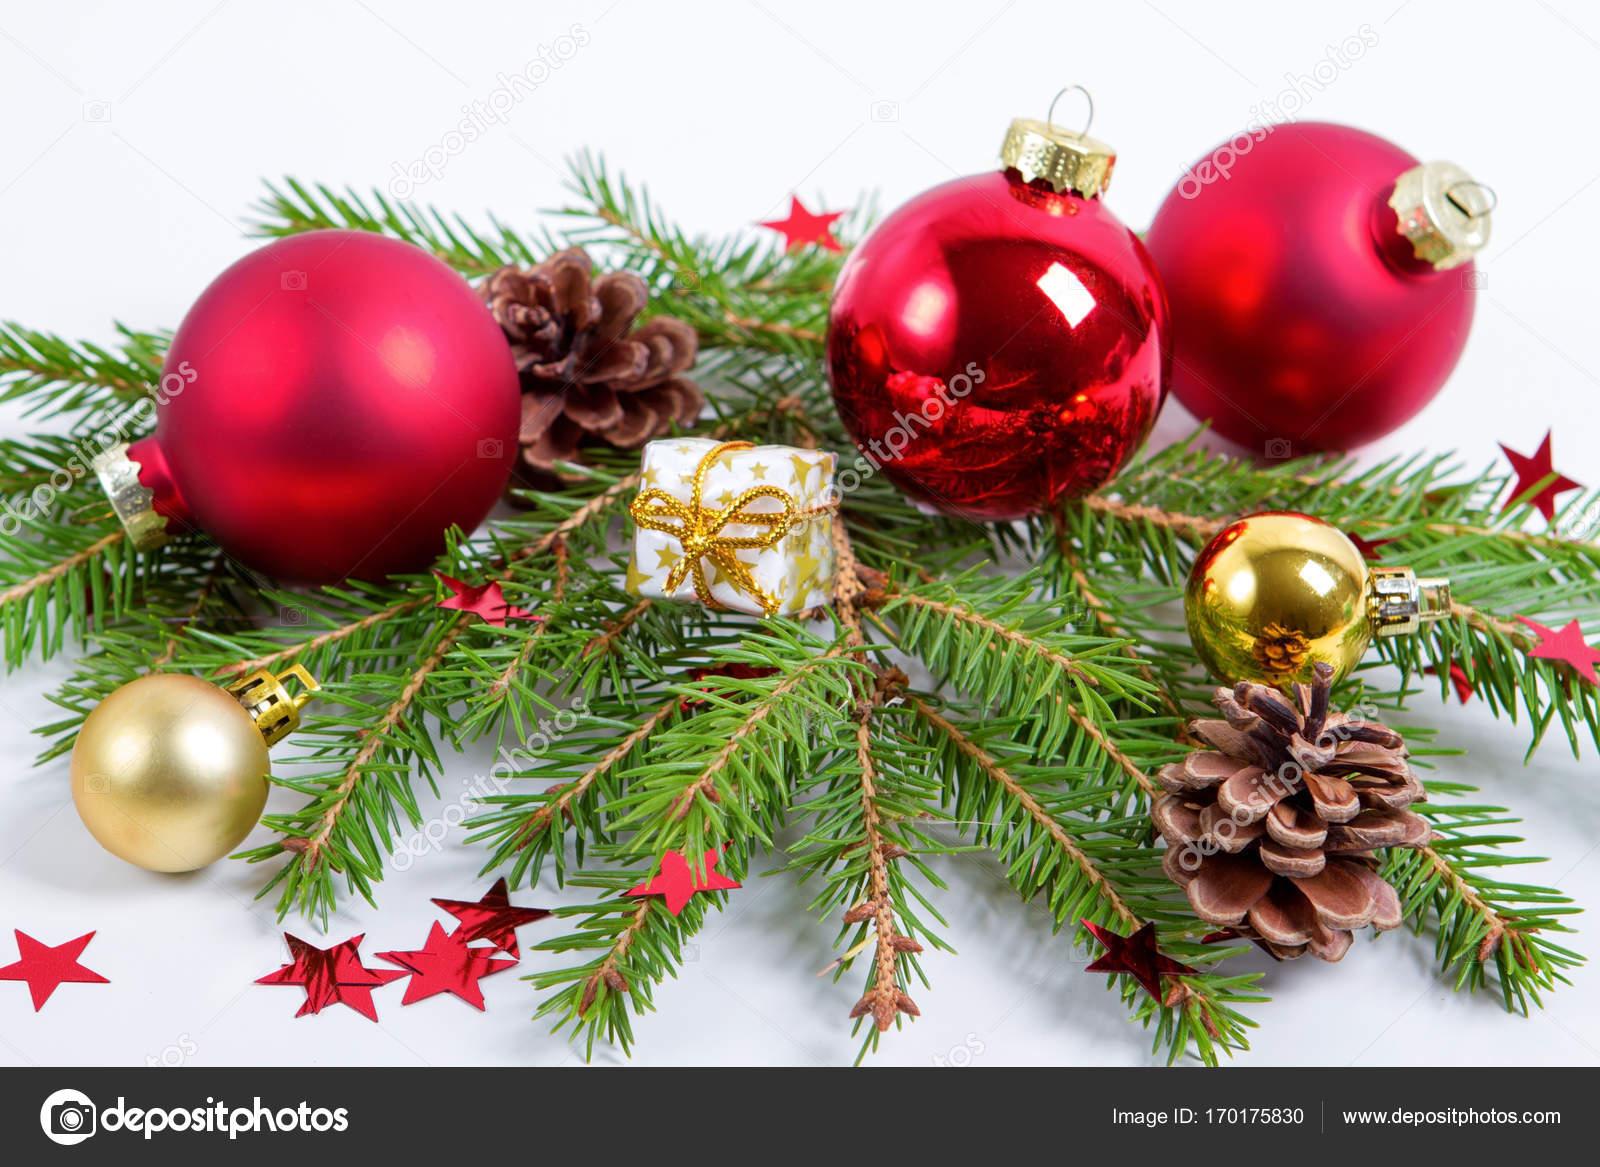 weihnachtskugeln deko mit zweigen der tanne auf wei em hintergrund stockfoto tirlikk 170175830. Black Bedroom Furniture Sets. Home Design Ideas